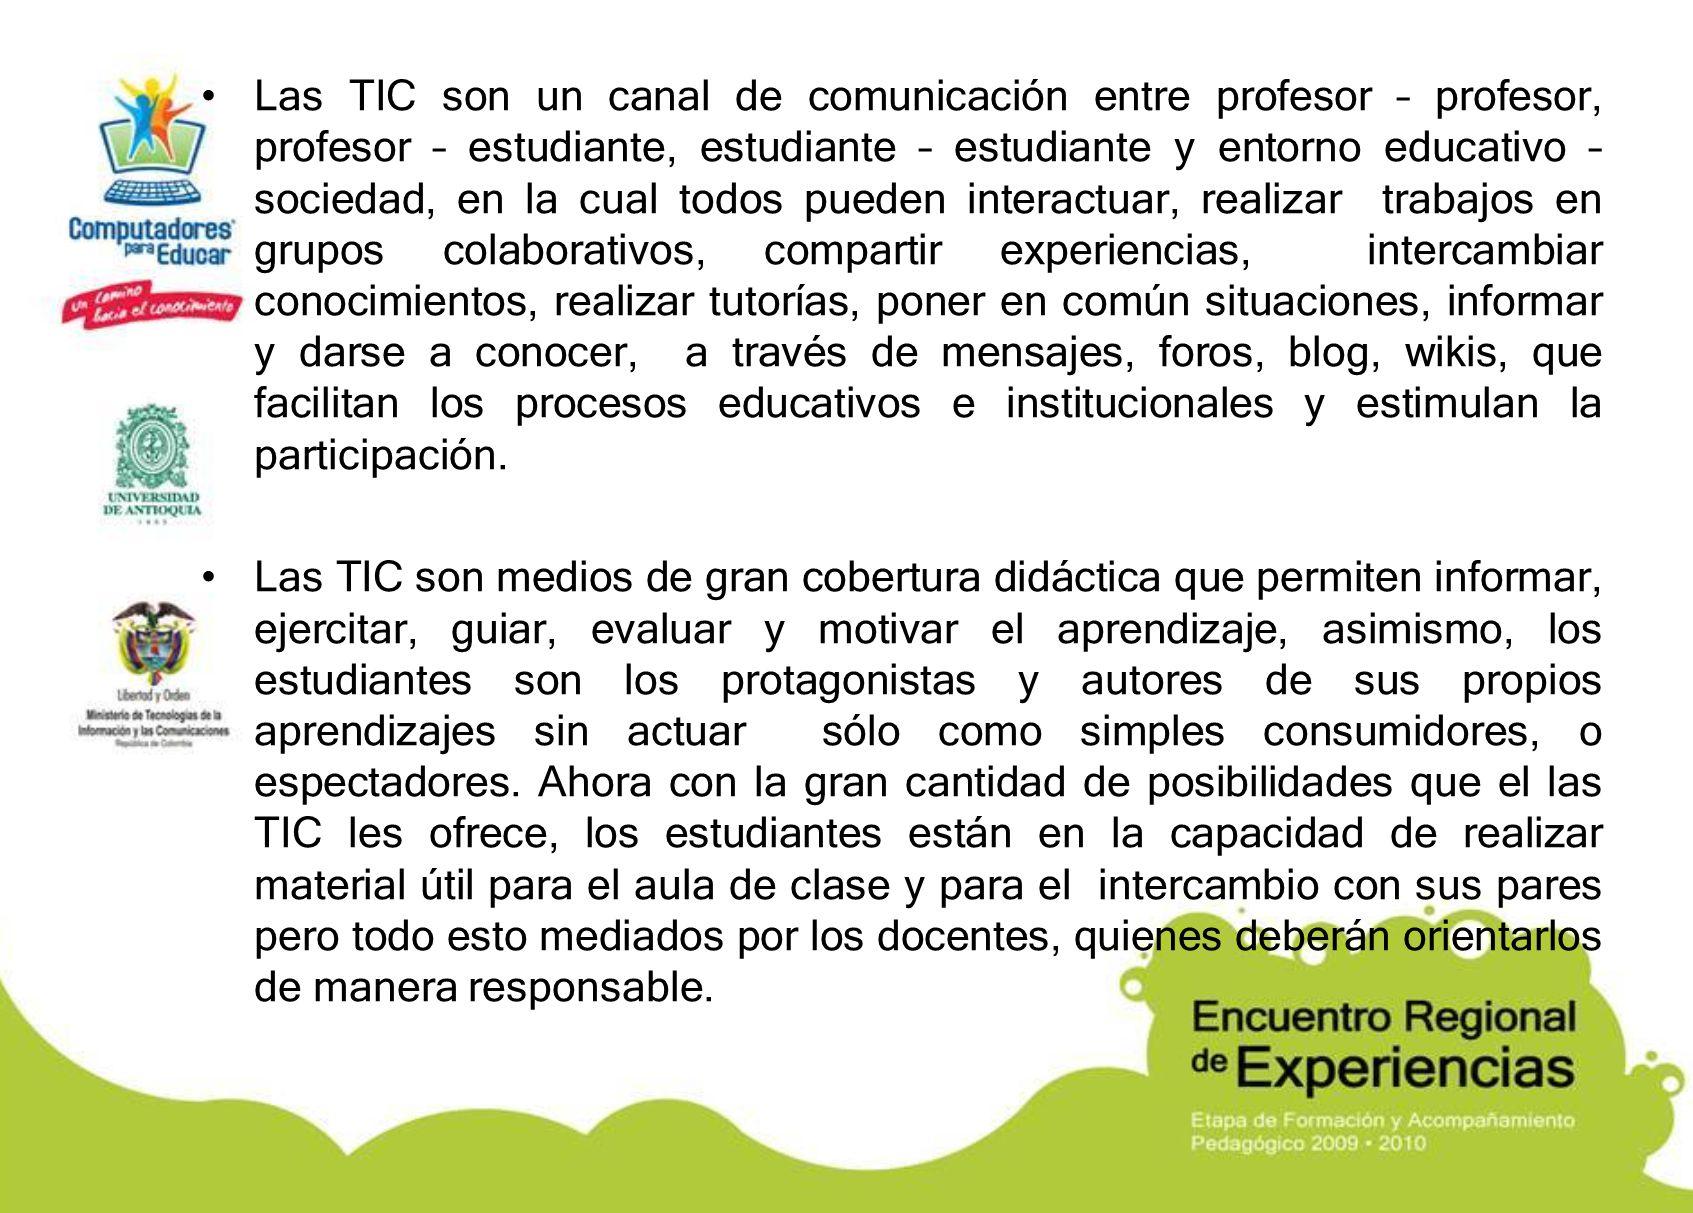 Las TIC son un canal de comunicación entre profesor – profesor, profesor – estudiante, estudiante – estudiante y entorno educativo – sociedad, en la cual todos pueden interactuar, realizar trabajos en grupos colaborativos, compartir experiencias, intercambiar conocimientos, realizar tutorías, poner en común situaciones, informar y darse a conocer, a través de mensajes, foros, blog, wikis, que facilitan los procesos educativos e institucionales y estimulan la participación.